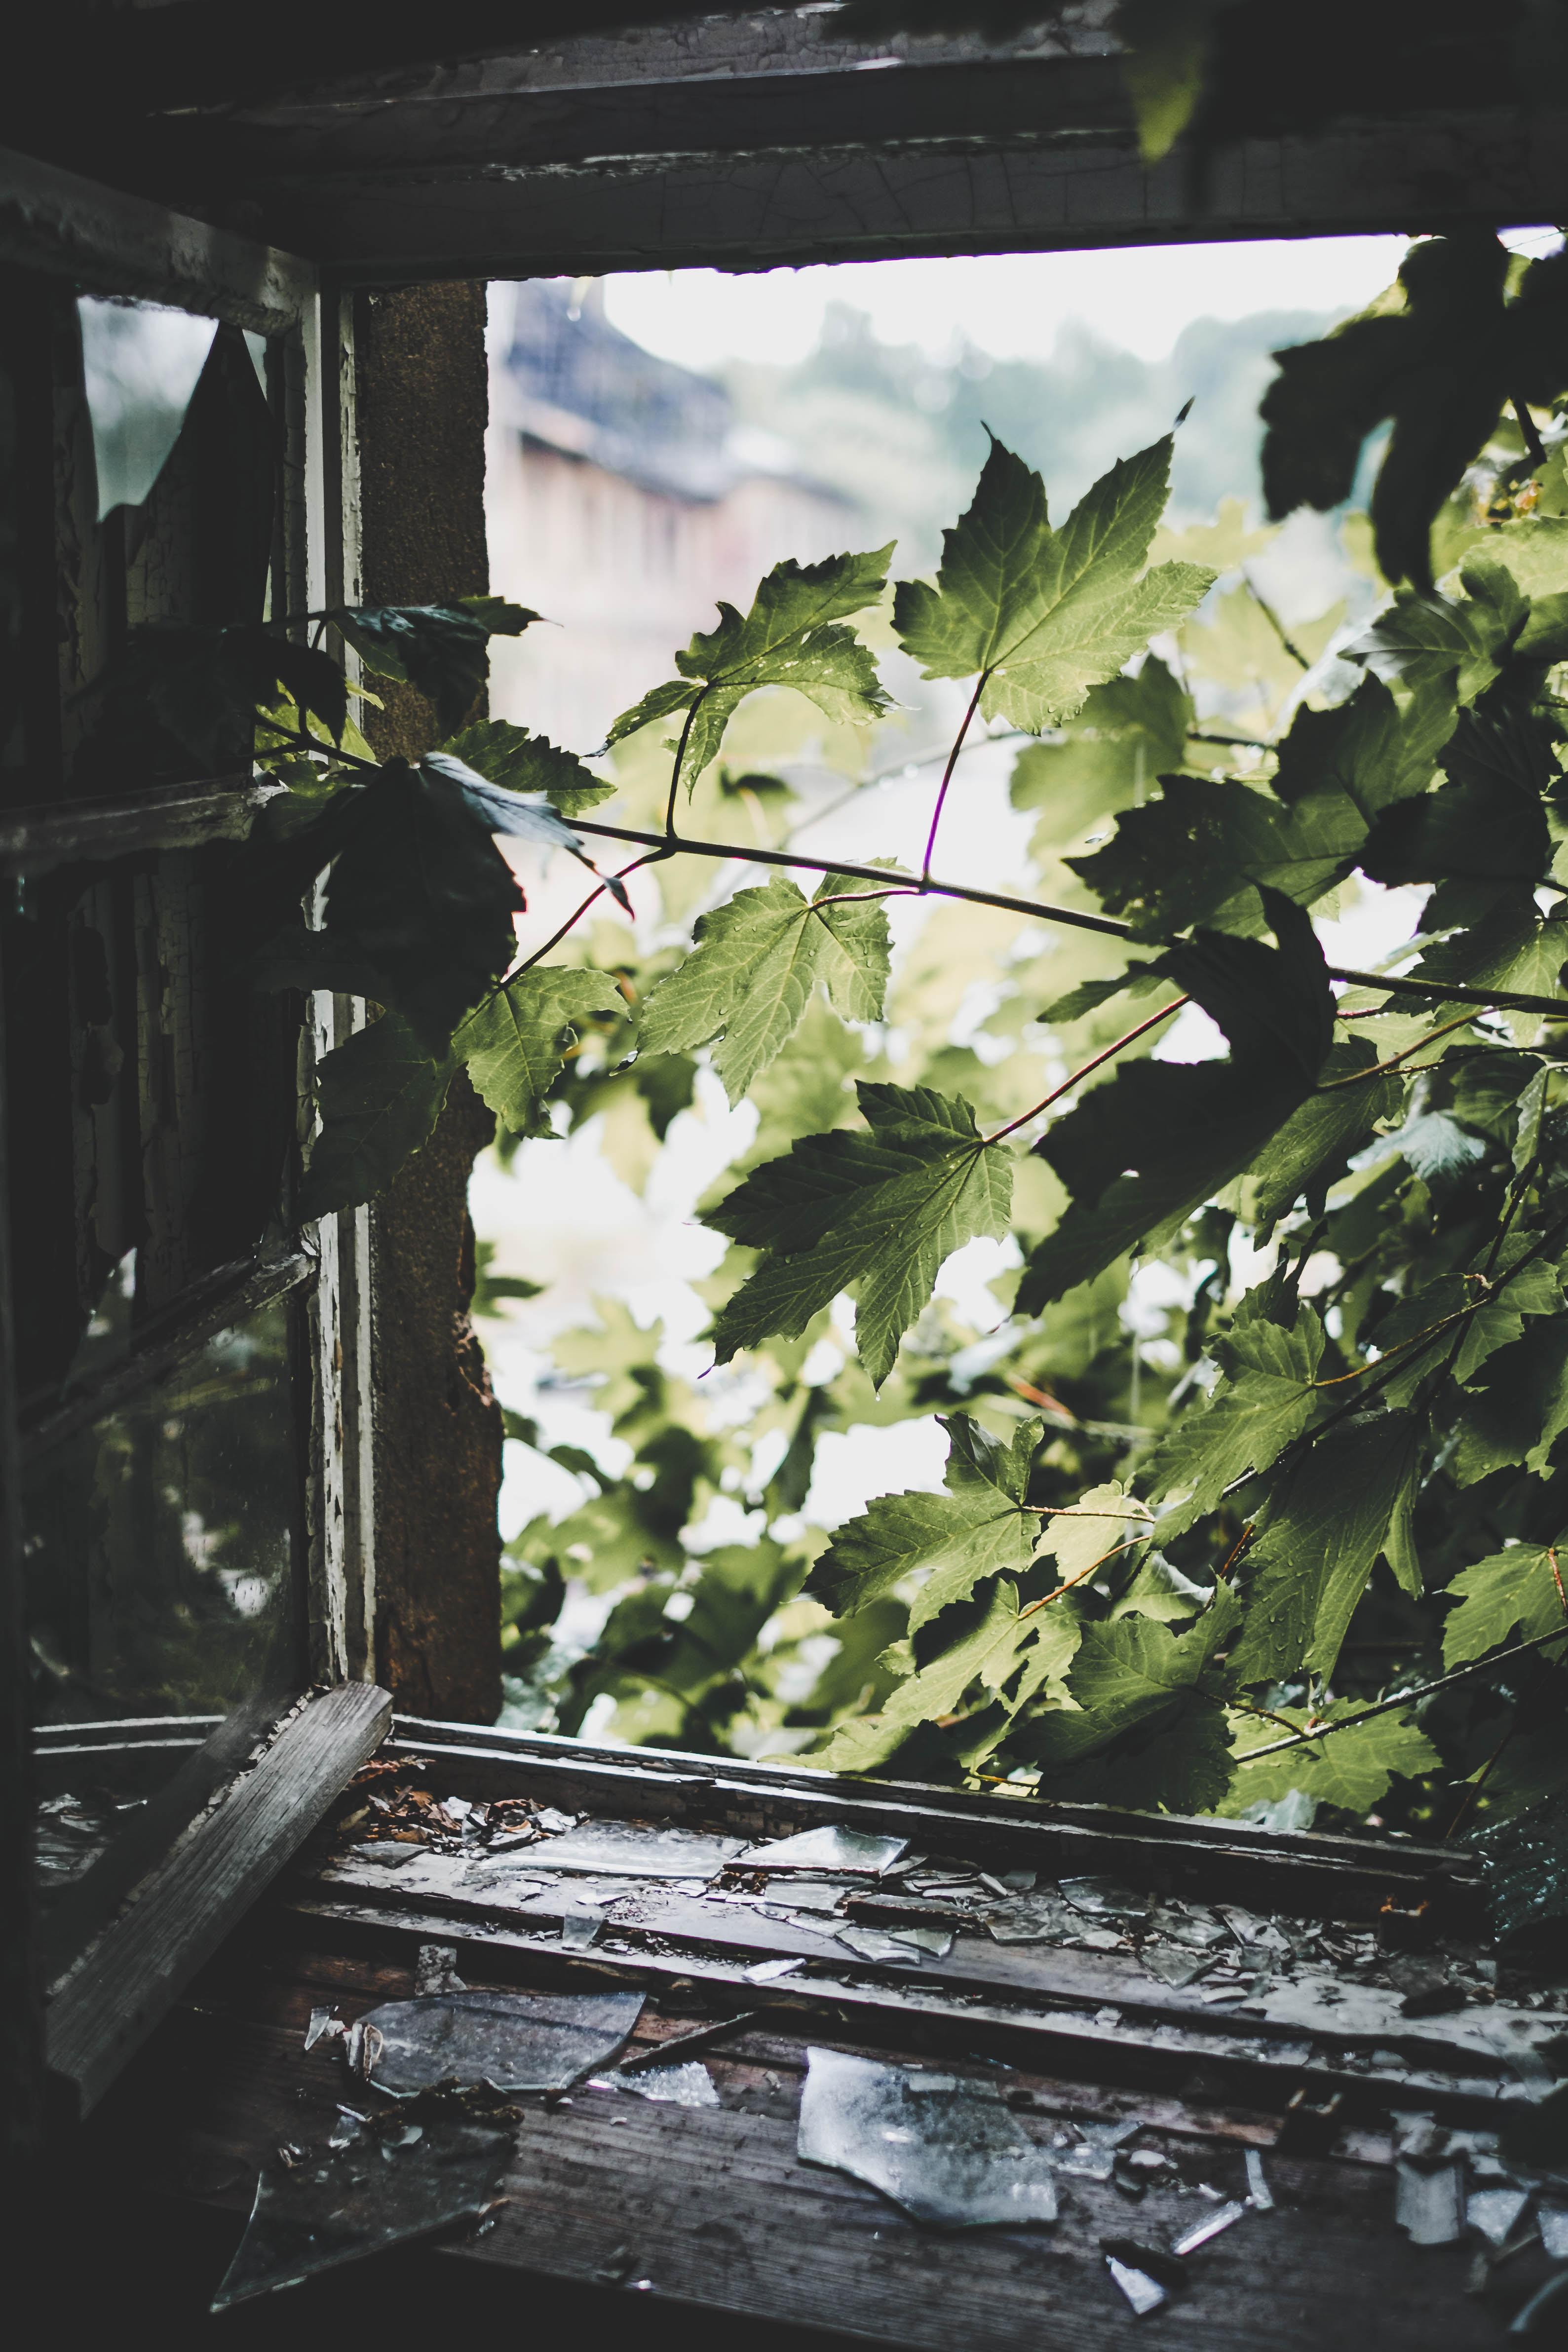 green leafed tree near window